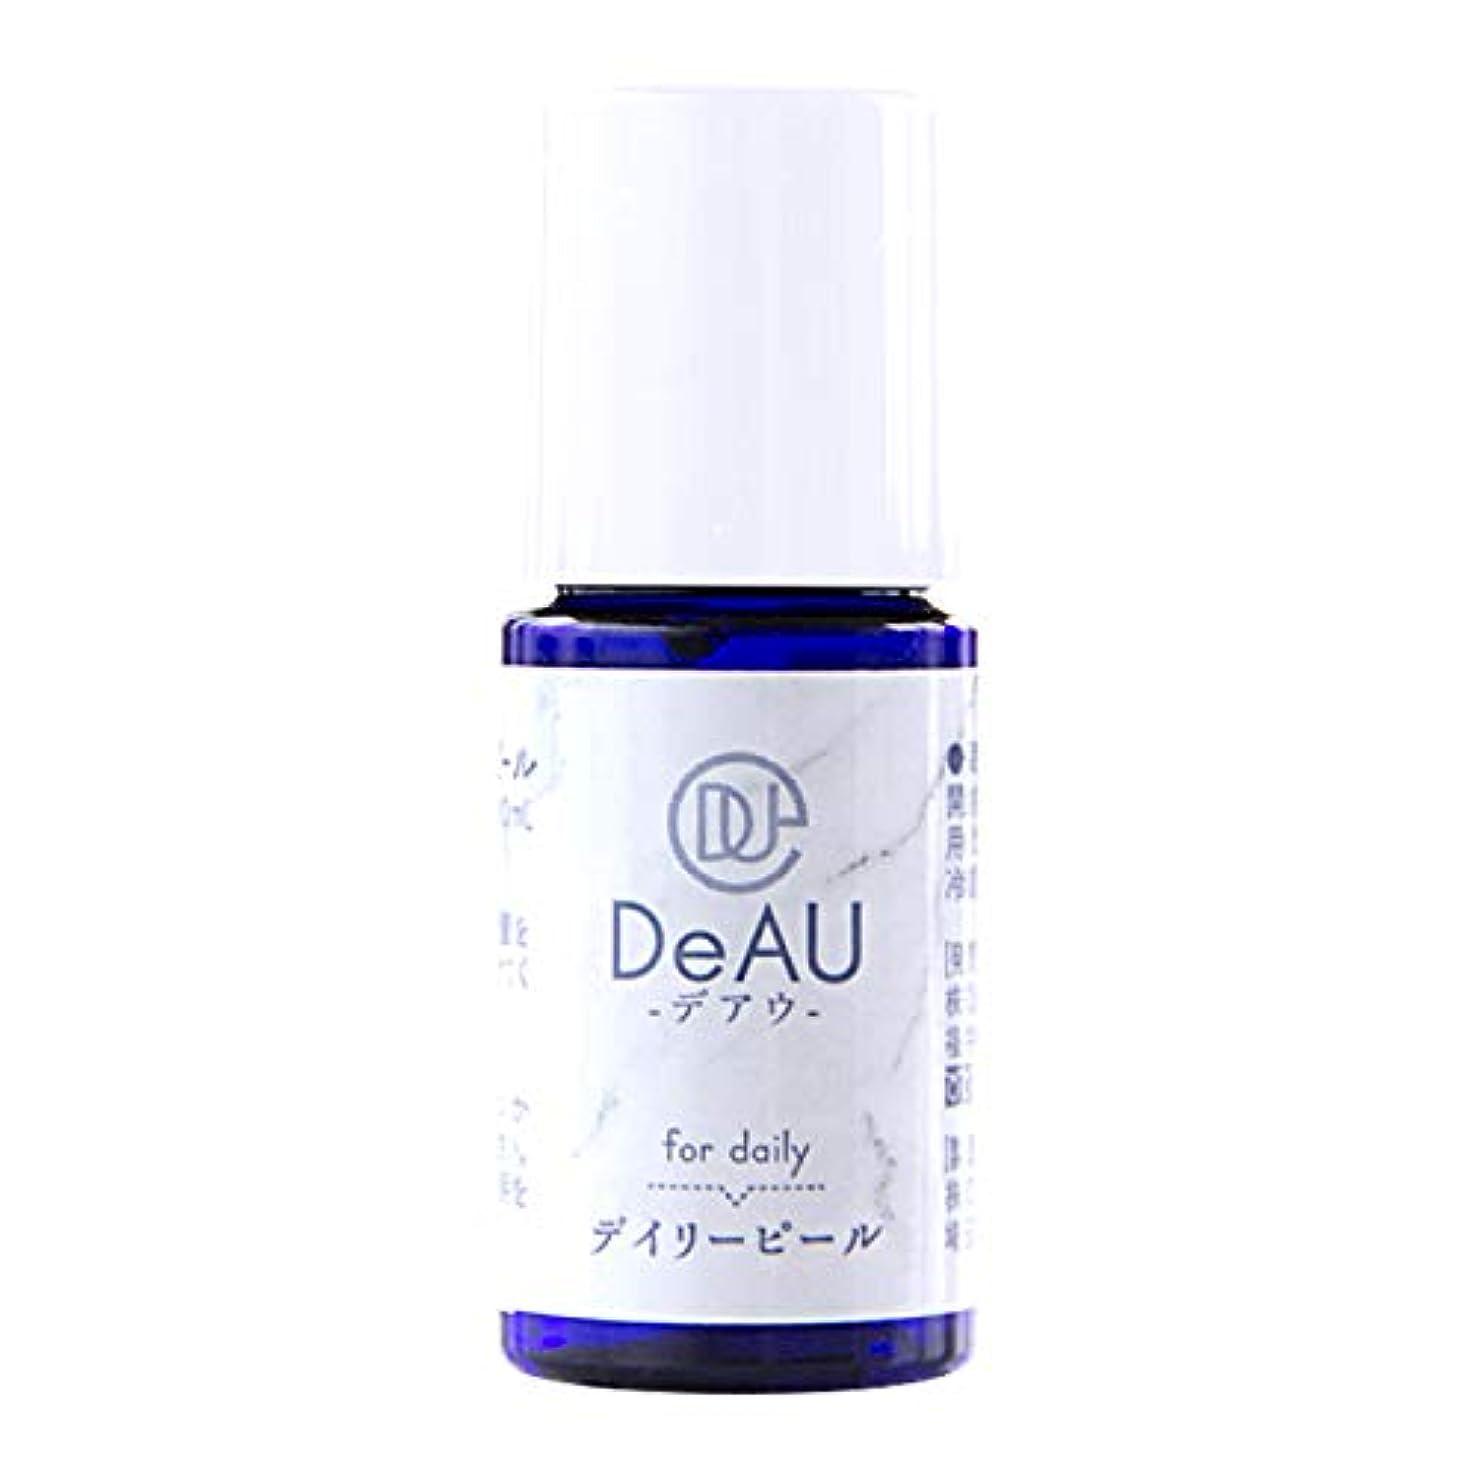 有効化厄介な日付付きDeAU デアウ デイリーピール ミニ 角質柔軟美容液 10mL